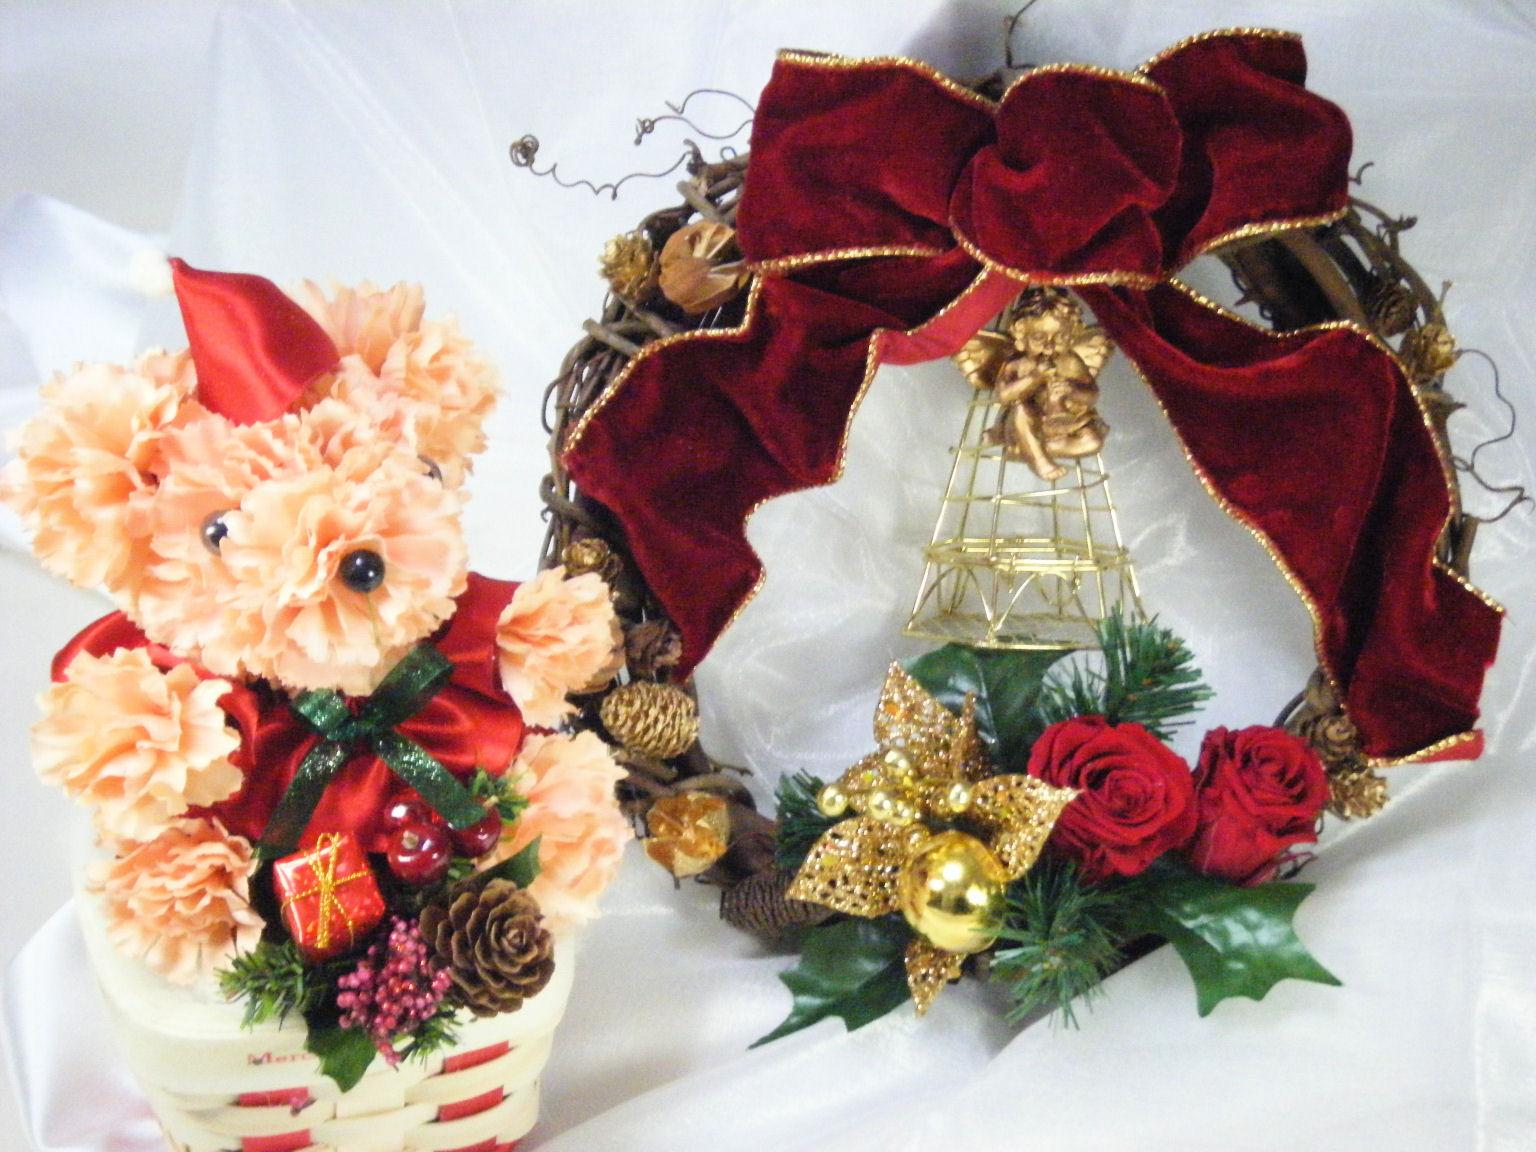 kuma_wreath.jpg